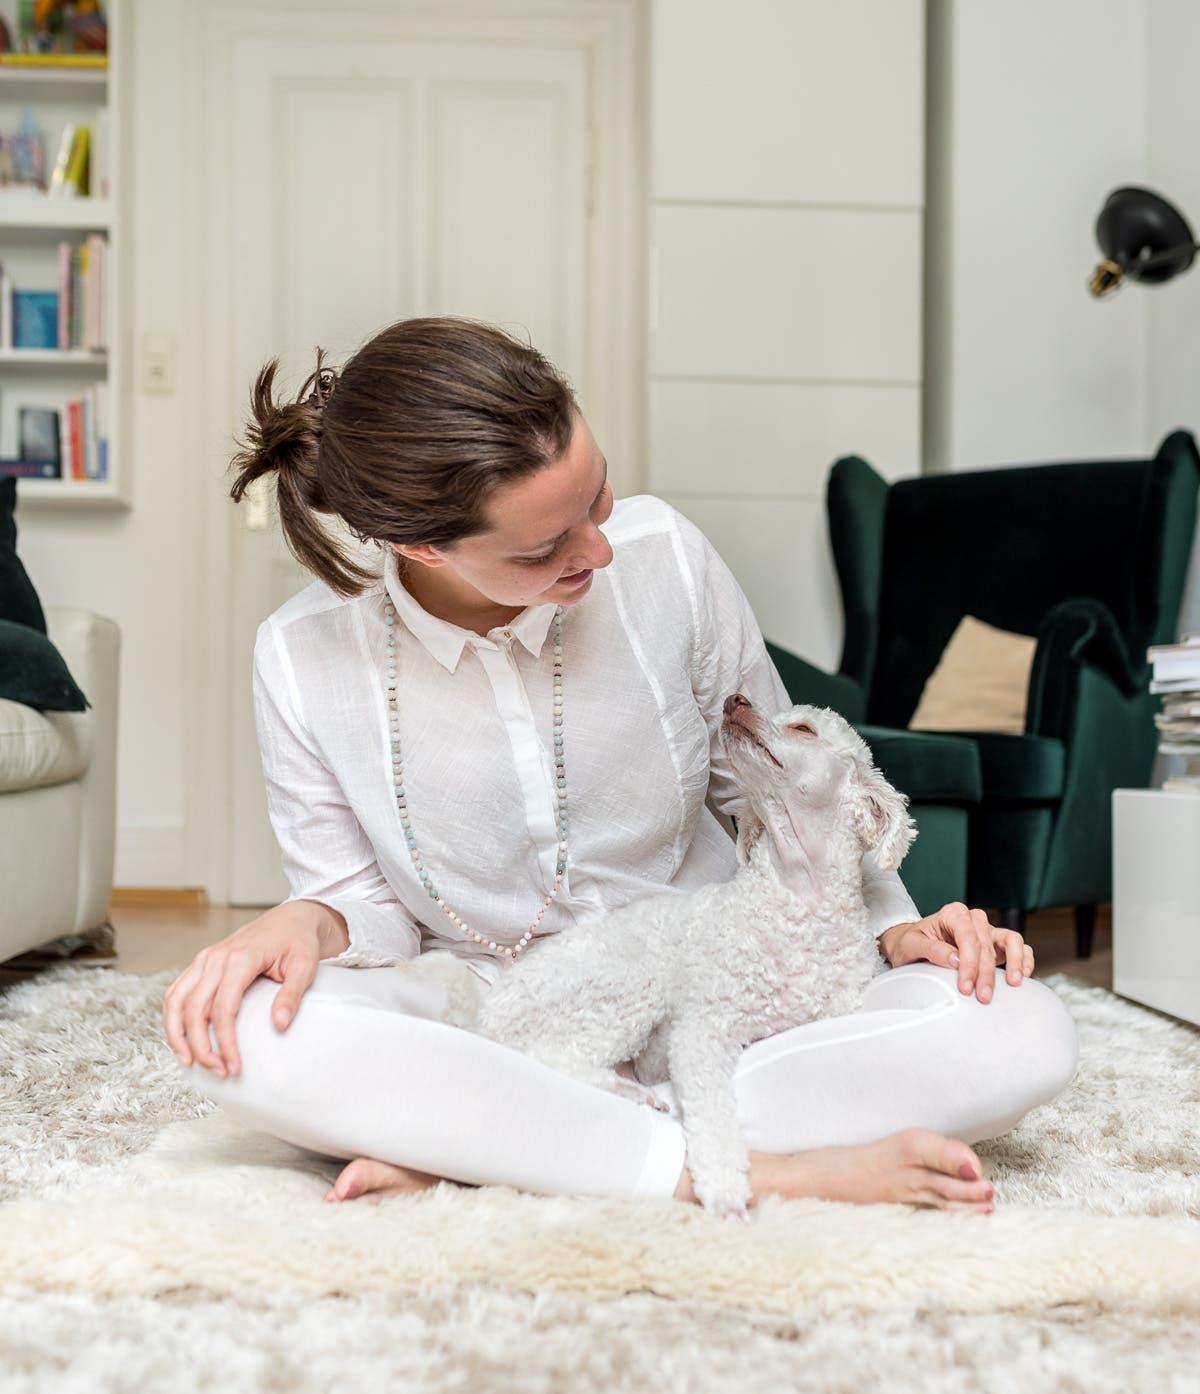 Frau sitzt auf einem Teppich und lächelt einen Pudel an.